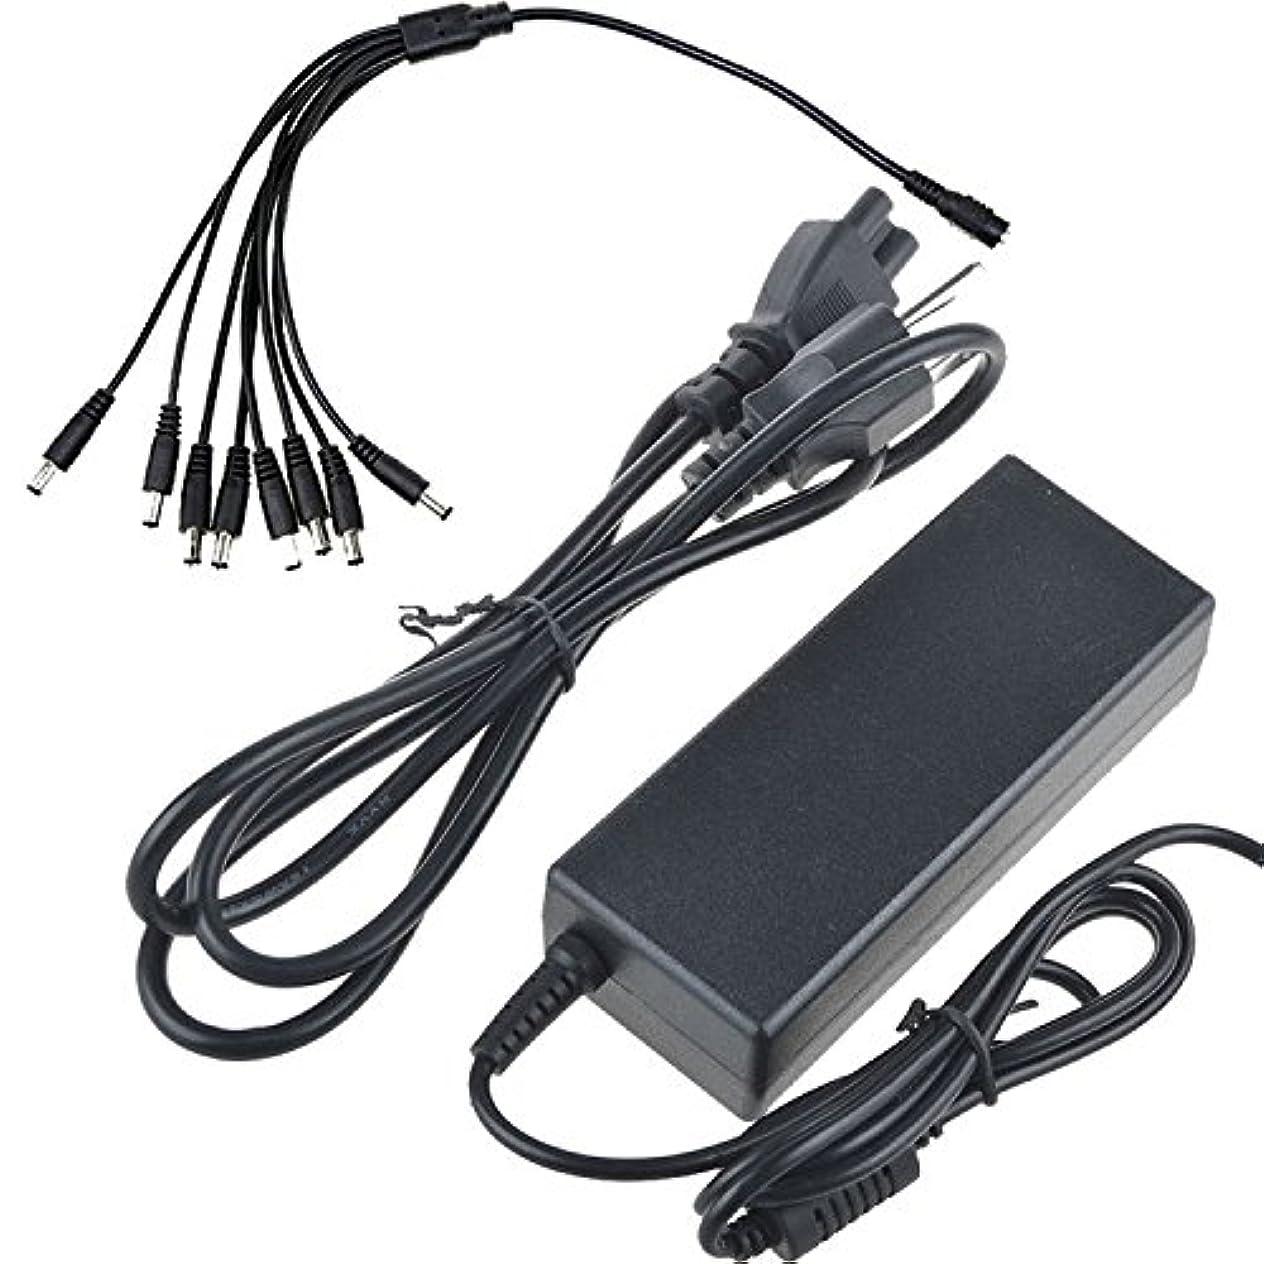 苦スクラップブック給料デジパーツパワーto 8スプリッタConncetor 12?V 7000?mA電源+ 8splitter ACアダプタPowser Supply for secuirty CCTVカメラDVR